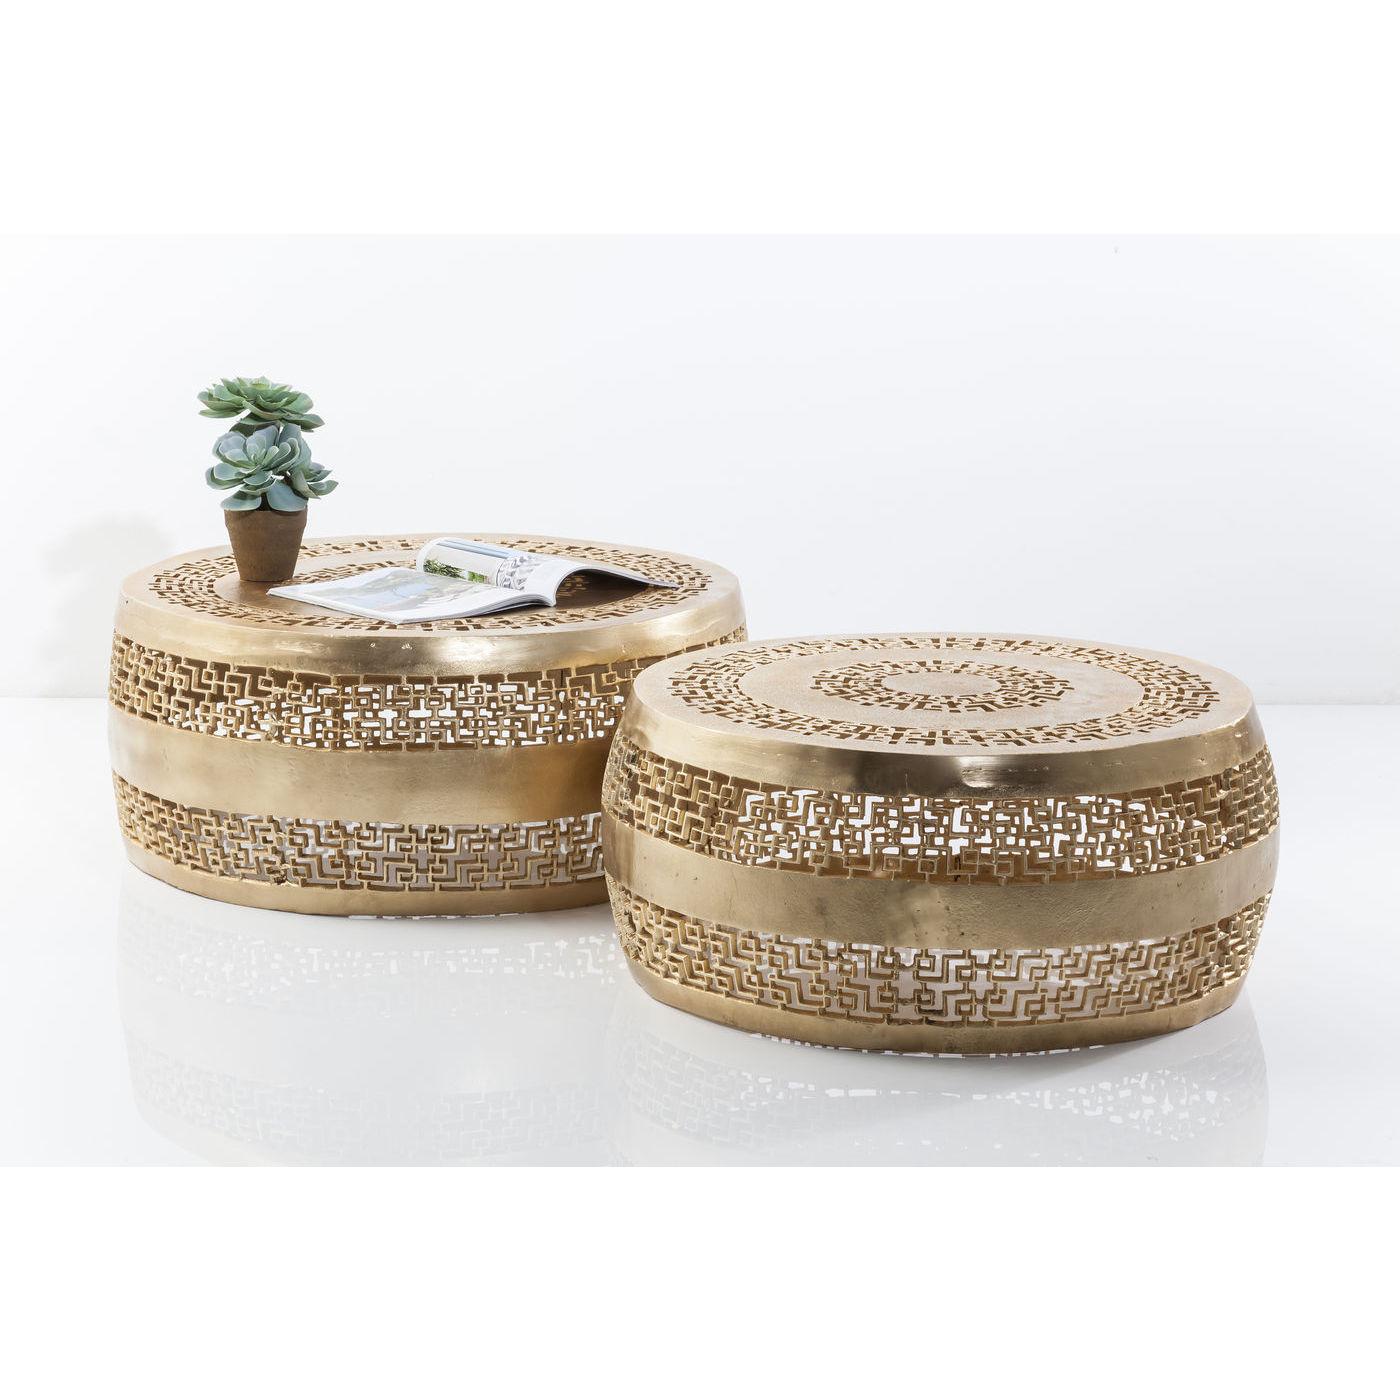 Billede af Kare Design Sofabord, Cleopatra Ornament Gold